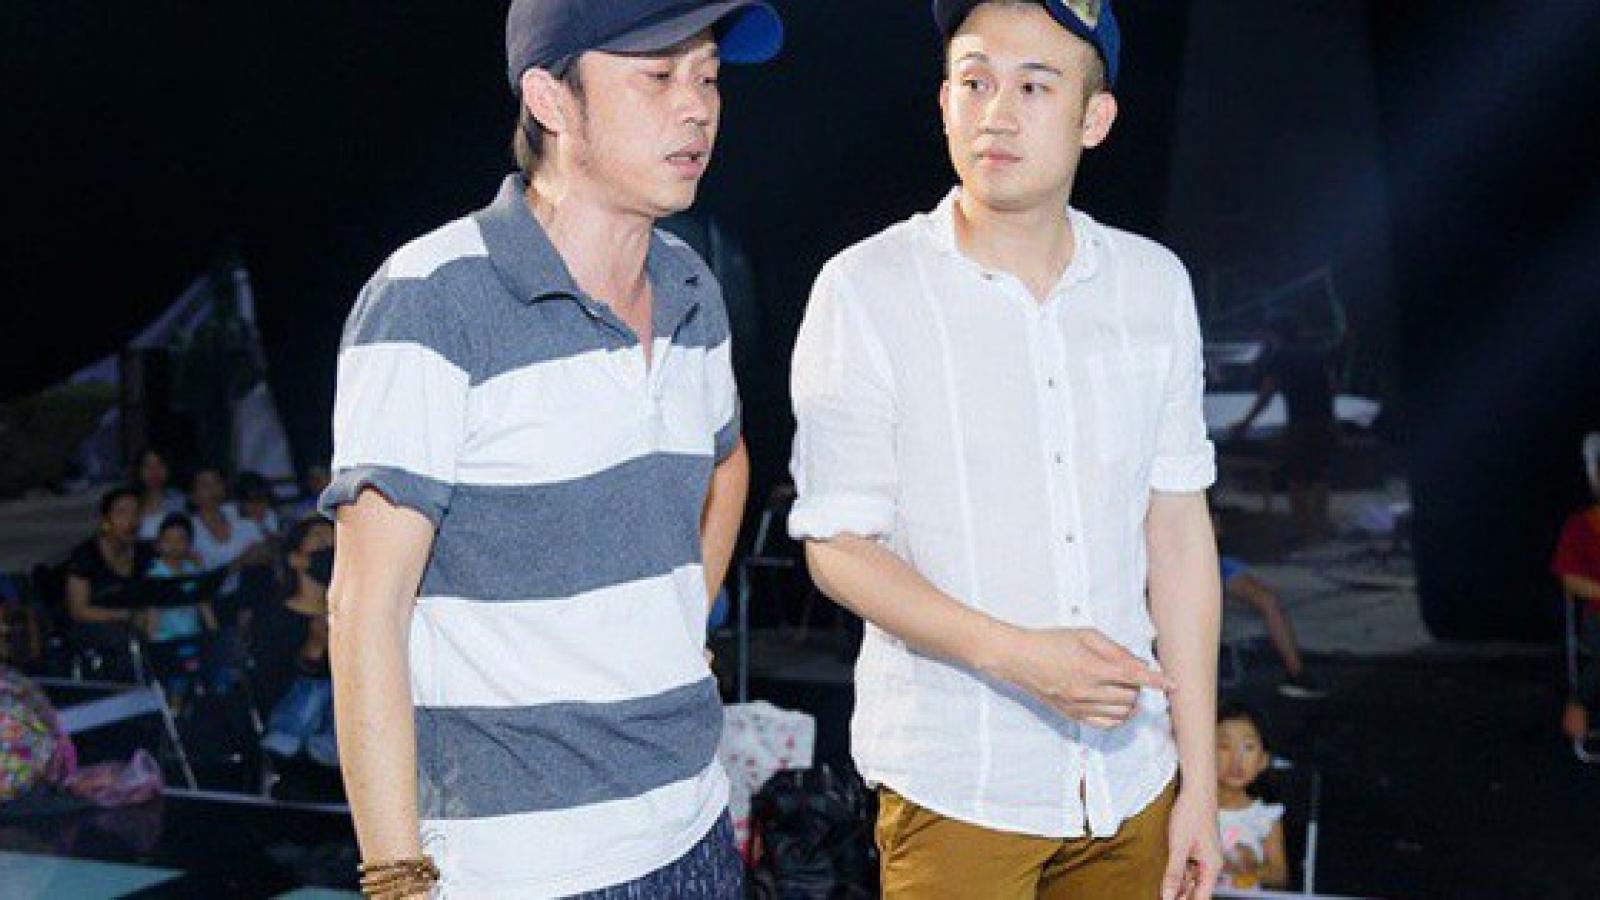 Các nghệ sĩ không nhận cát-sê, tổ chức đêm nhạc để ủng hộ Đà Nẵng